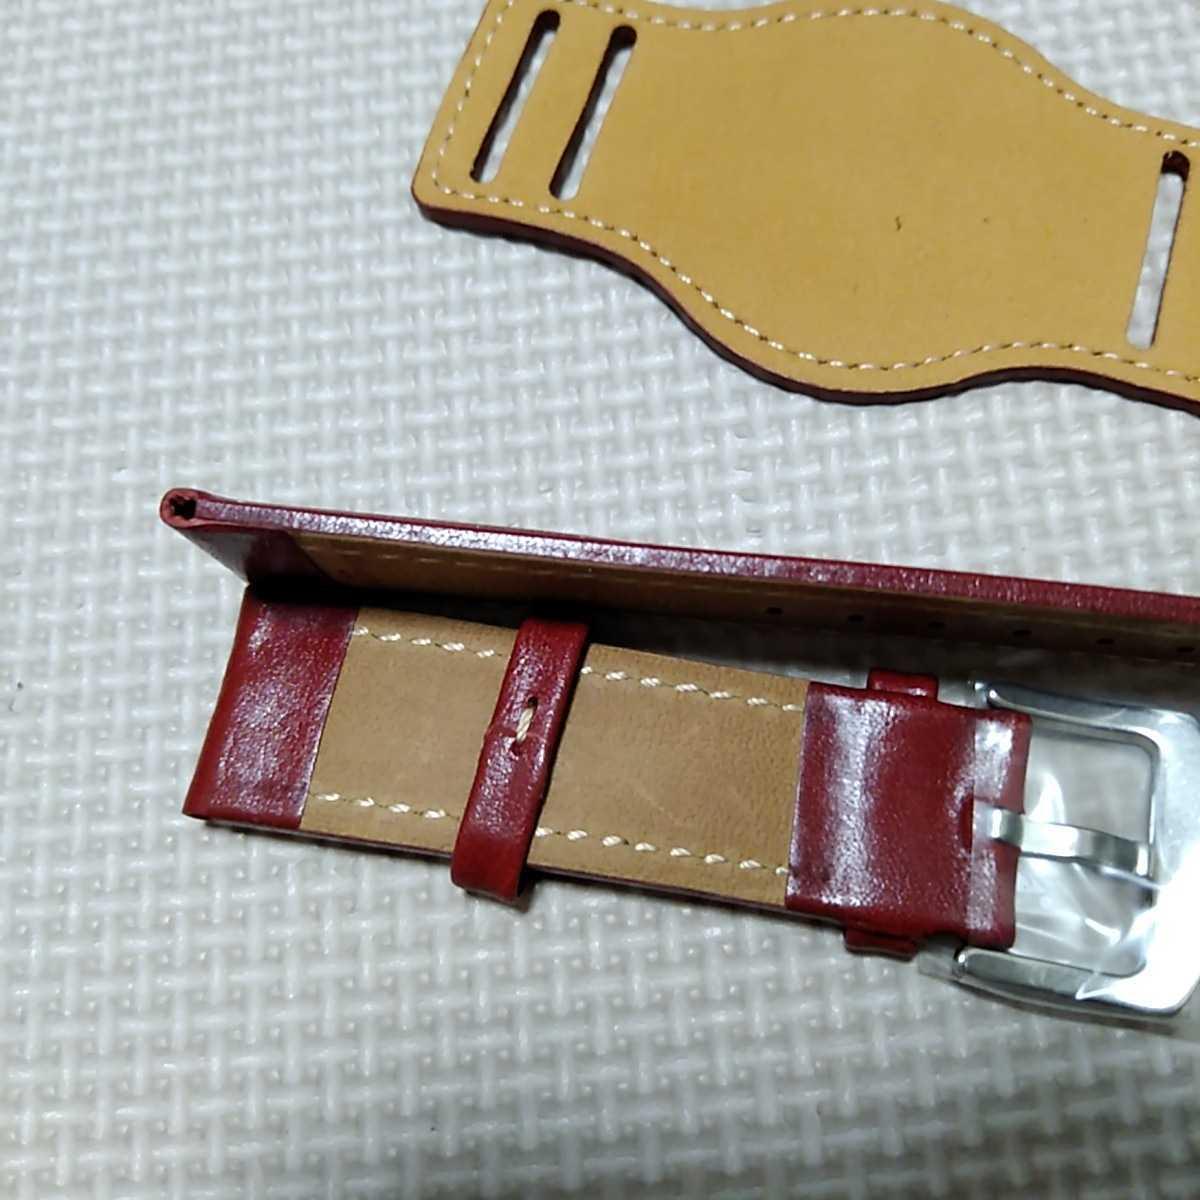 No33 ブンド BUND 本革レザーベルト 腕時計ベルト 交換用ストラップ レッド 22mm 未使用 送料無料 高品質 ドイツパイロット 空軍_画像3